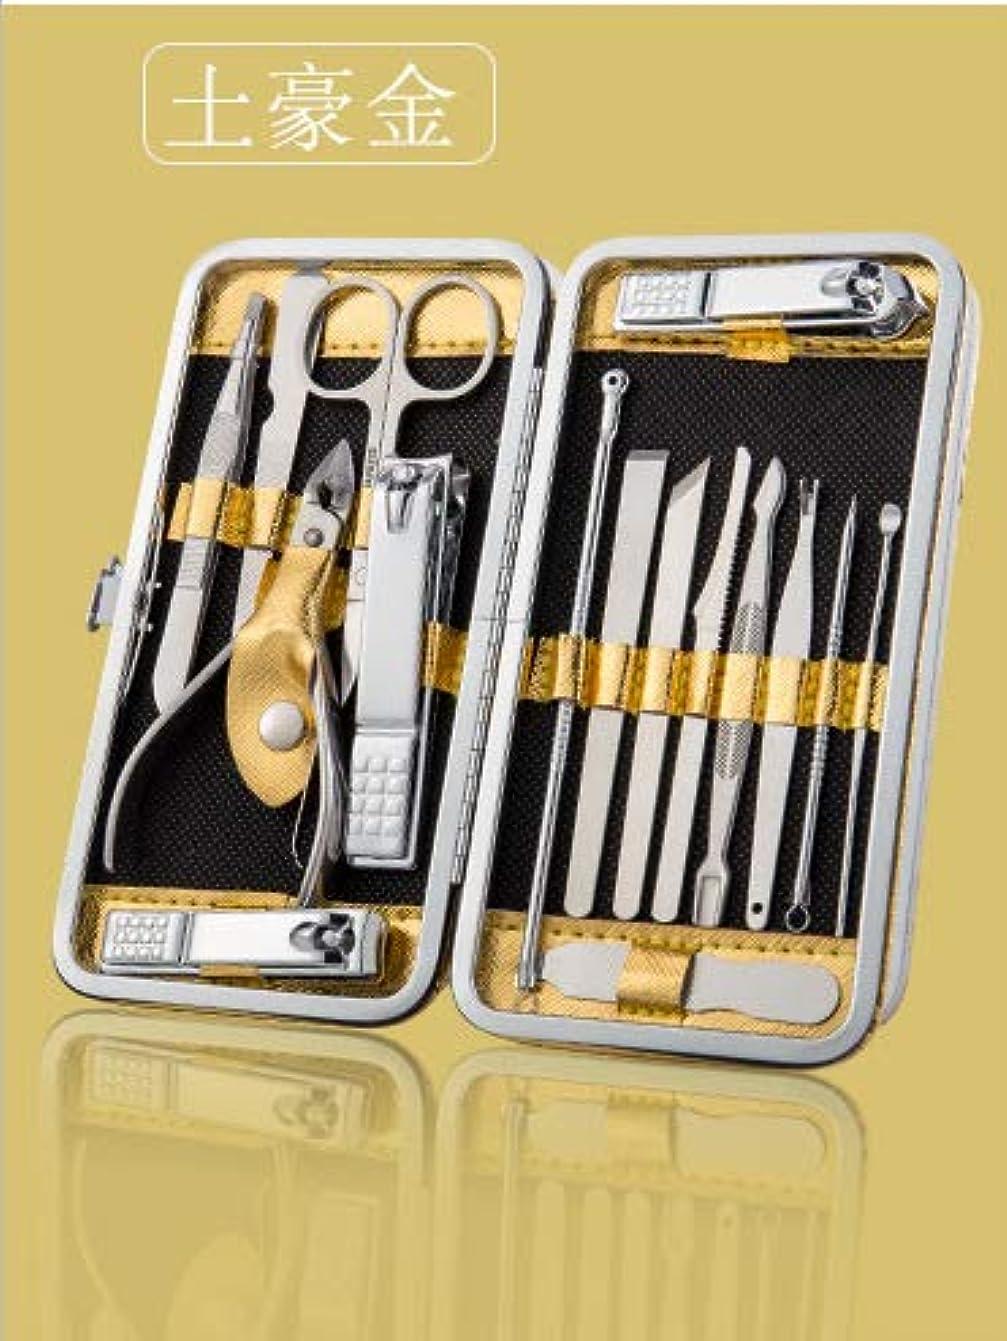 自分の力ですべてをする変わるどれでも15本のネイルツールセットの美容セットマニキュアナイフ用に設定されたステンレス鋼ネイルハサミはカスタマイズ可能